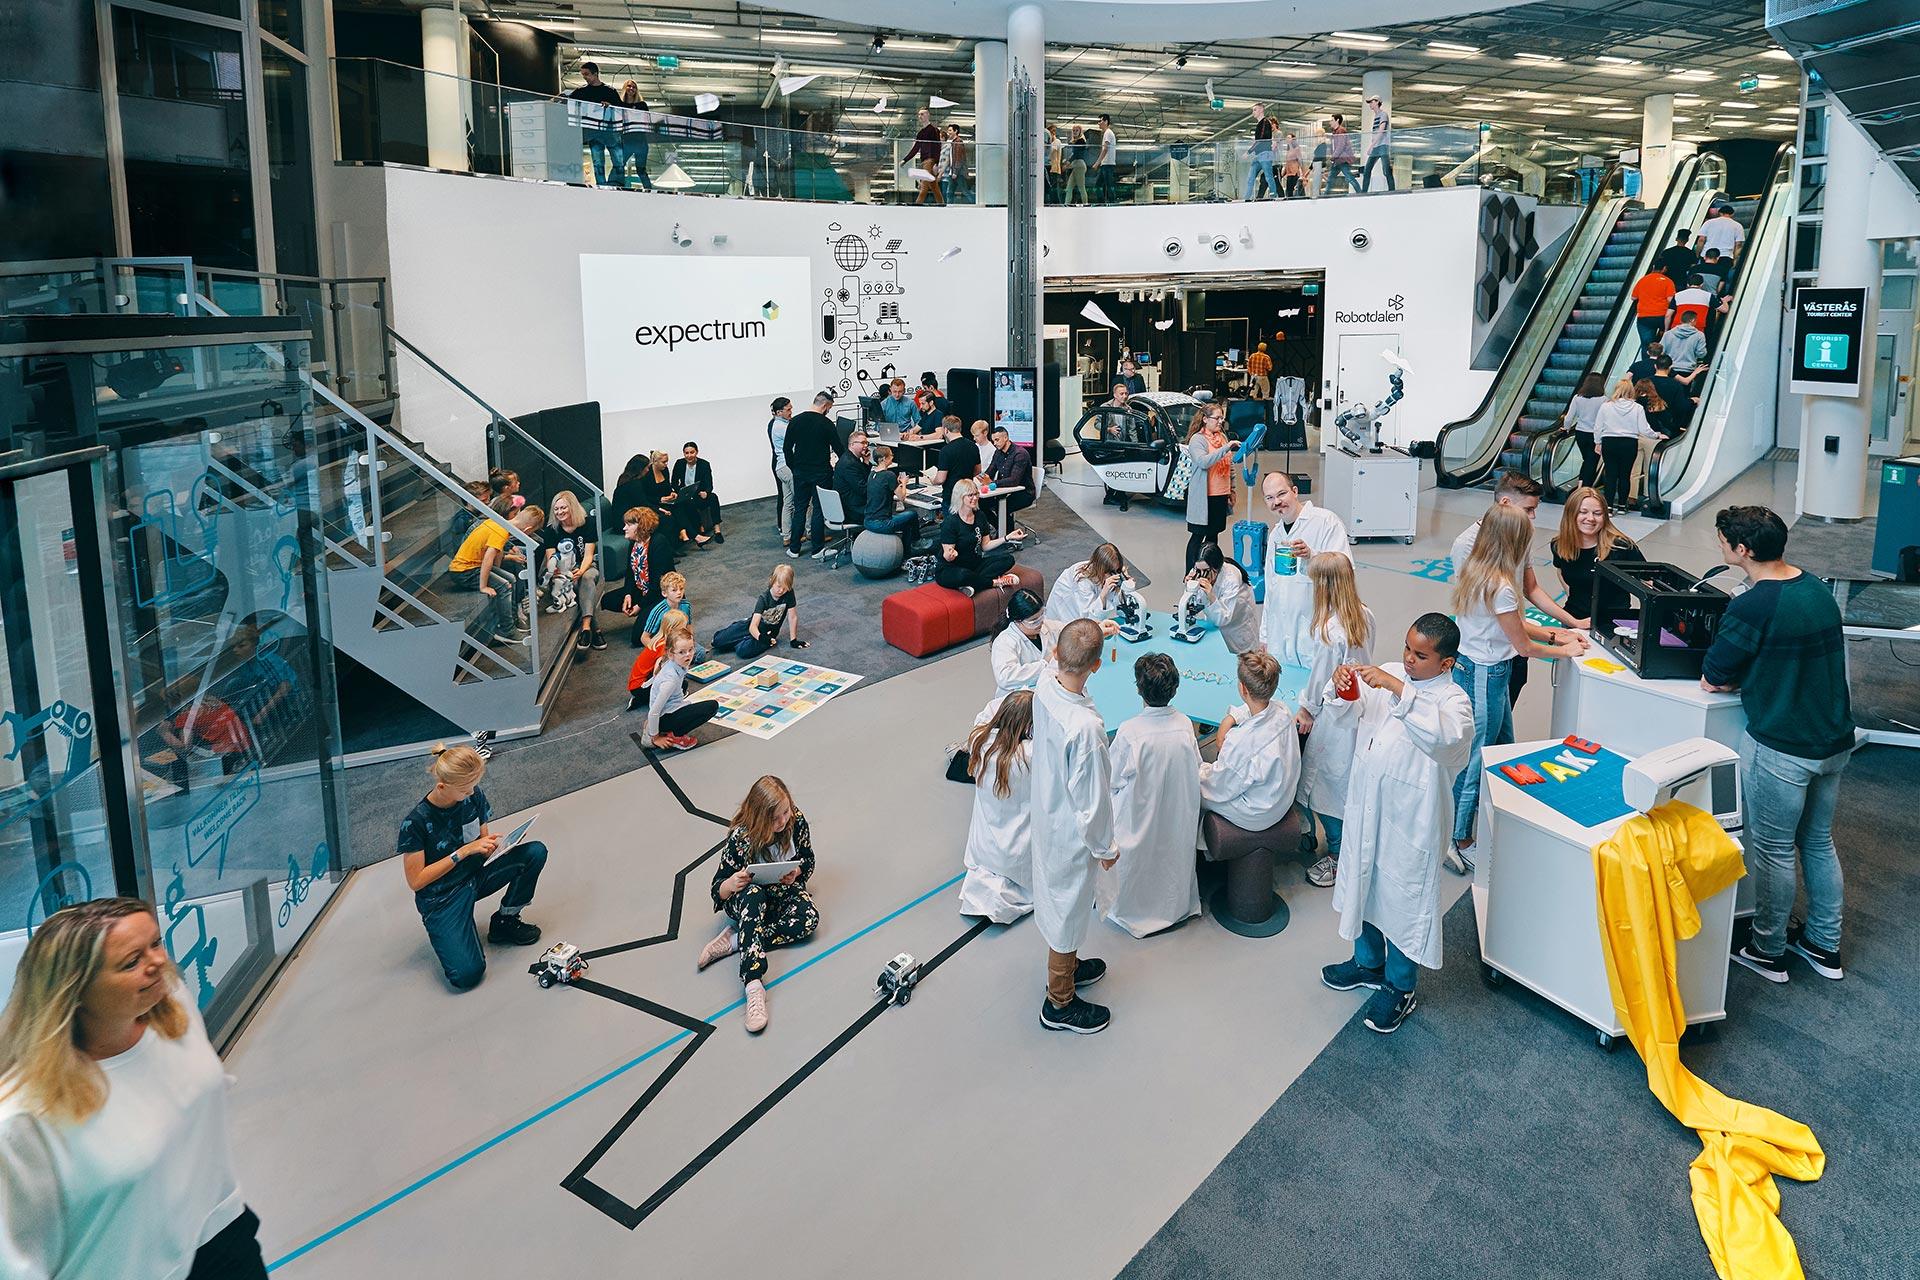 Skola, företag och organisationer möts på expectrum i Västerås. Fotograf: Af Adam